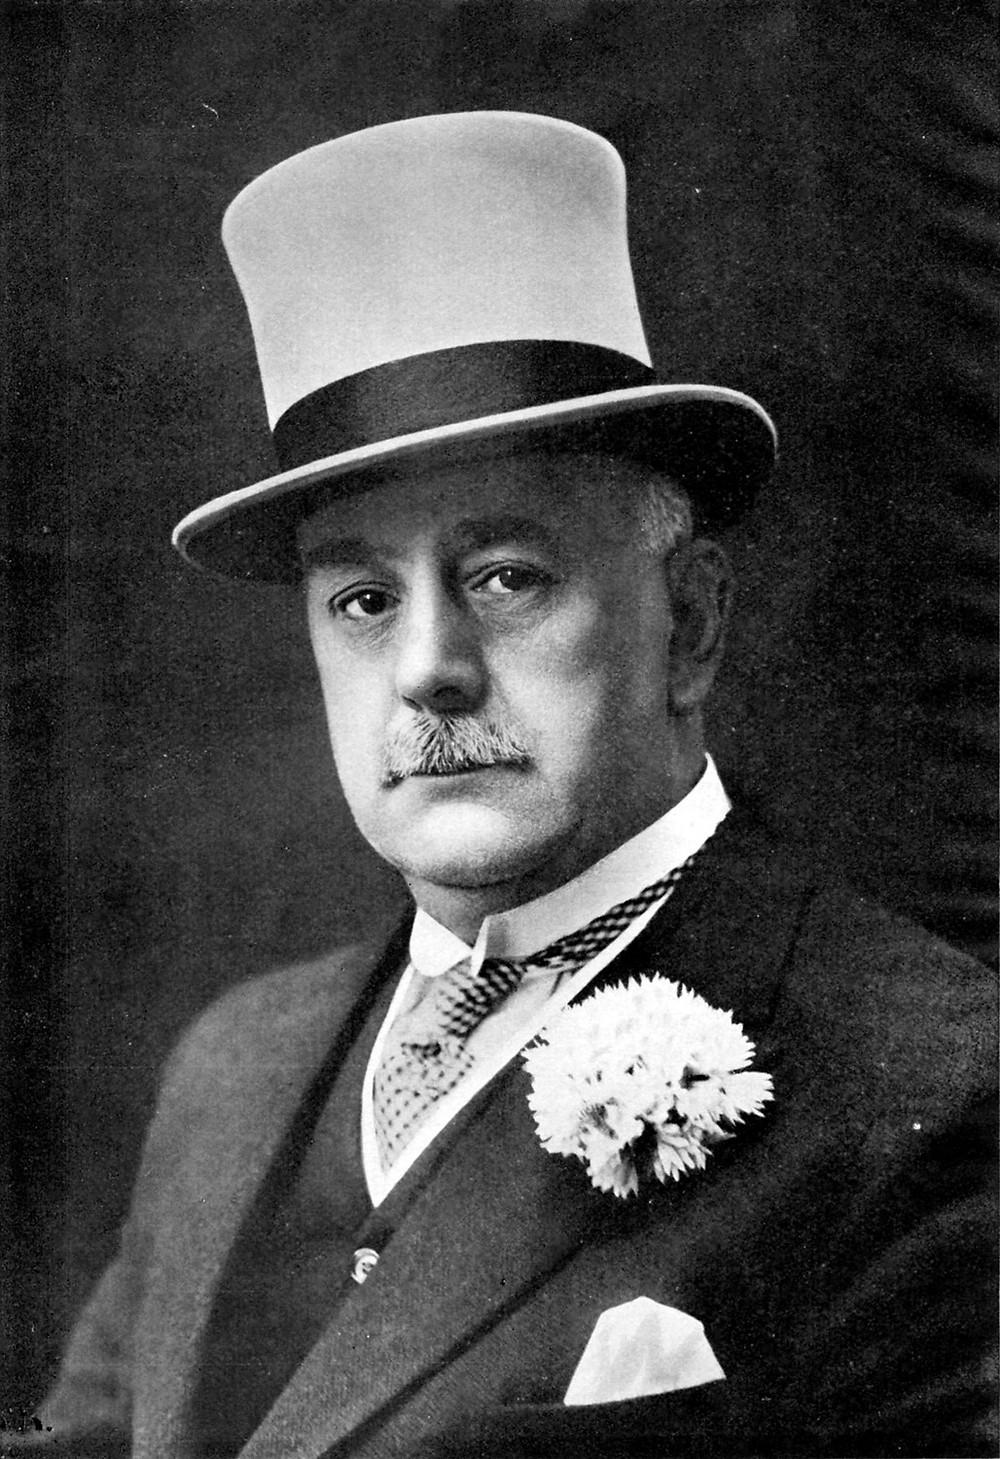 Bertram Mills (1923) as he appeared in Bertram Mills Circus souvenir program.